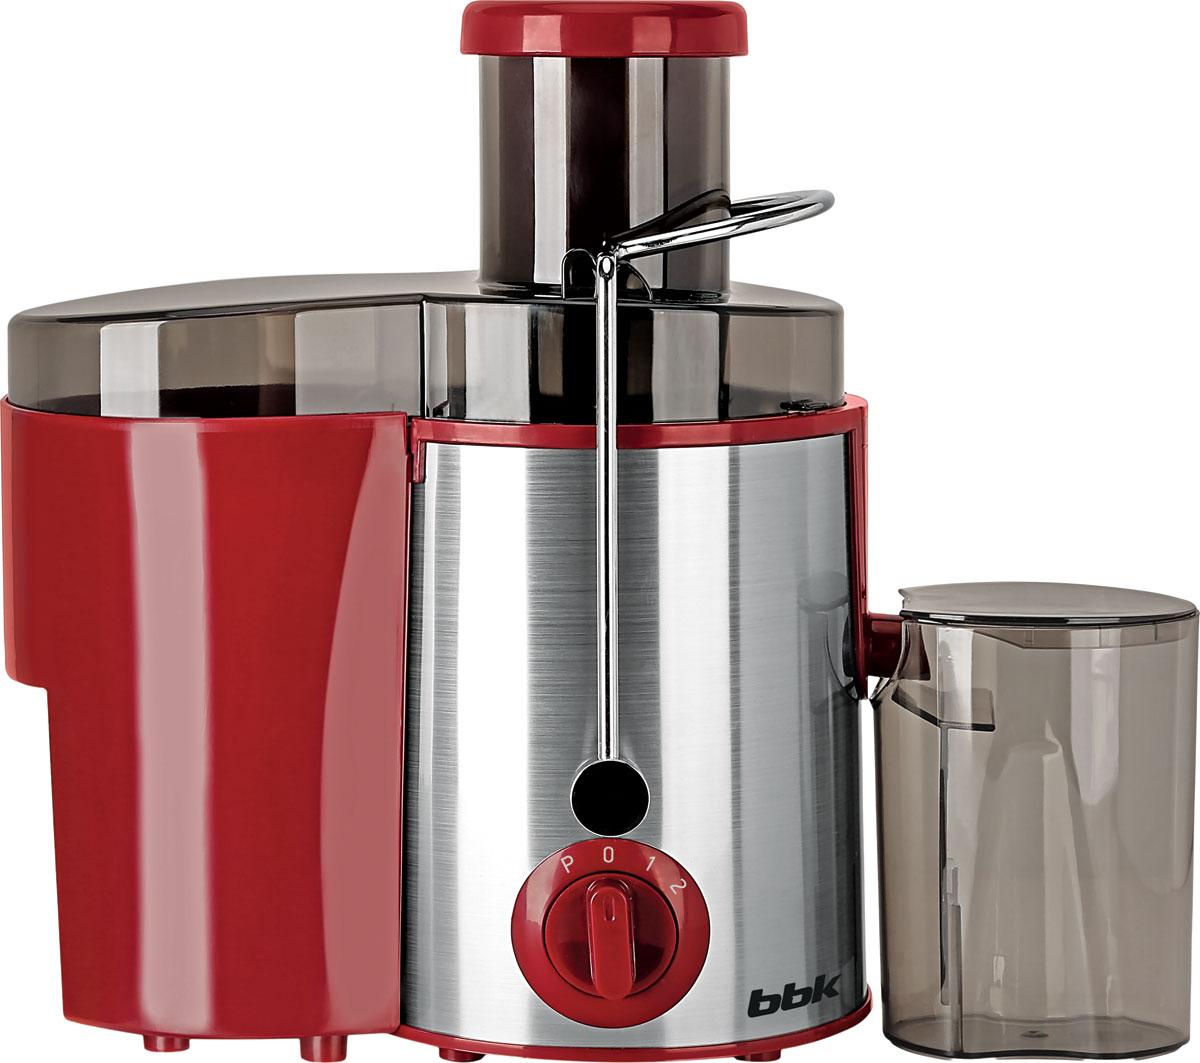 BBK JC080-H06, Red Silver соковыжималкаJC080-H06Соковыжималка BBK JC080-H06 станет отличным помощником на любой кухне. Высокая номинальная мощность 800 Вт и широкая загрузочная горловина 65 мм позволяют с легкостью справиться с целыми яблоками и крупными кусочками овощей и фруктов. Стальной фильтр-сепаратор с лезвиями из высококачественной стали обеспечит надежную, качественную и безотказную работу устройства. Прорезиненные ножки обеспечивают устойчивость и отсутствие скольжения в процессе работы. Для комфортного использования в комплекте предусмотрены специальные емкости для жмыха и сока. Модель представлена в классических стильных цветах, сочетающих цветные пластиковые элементы и вставки из нержавеющей стали.